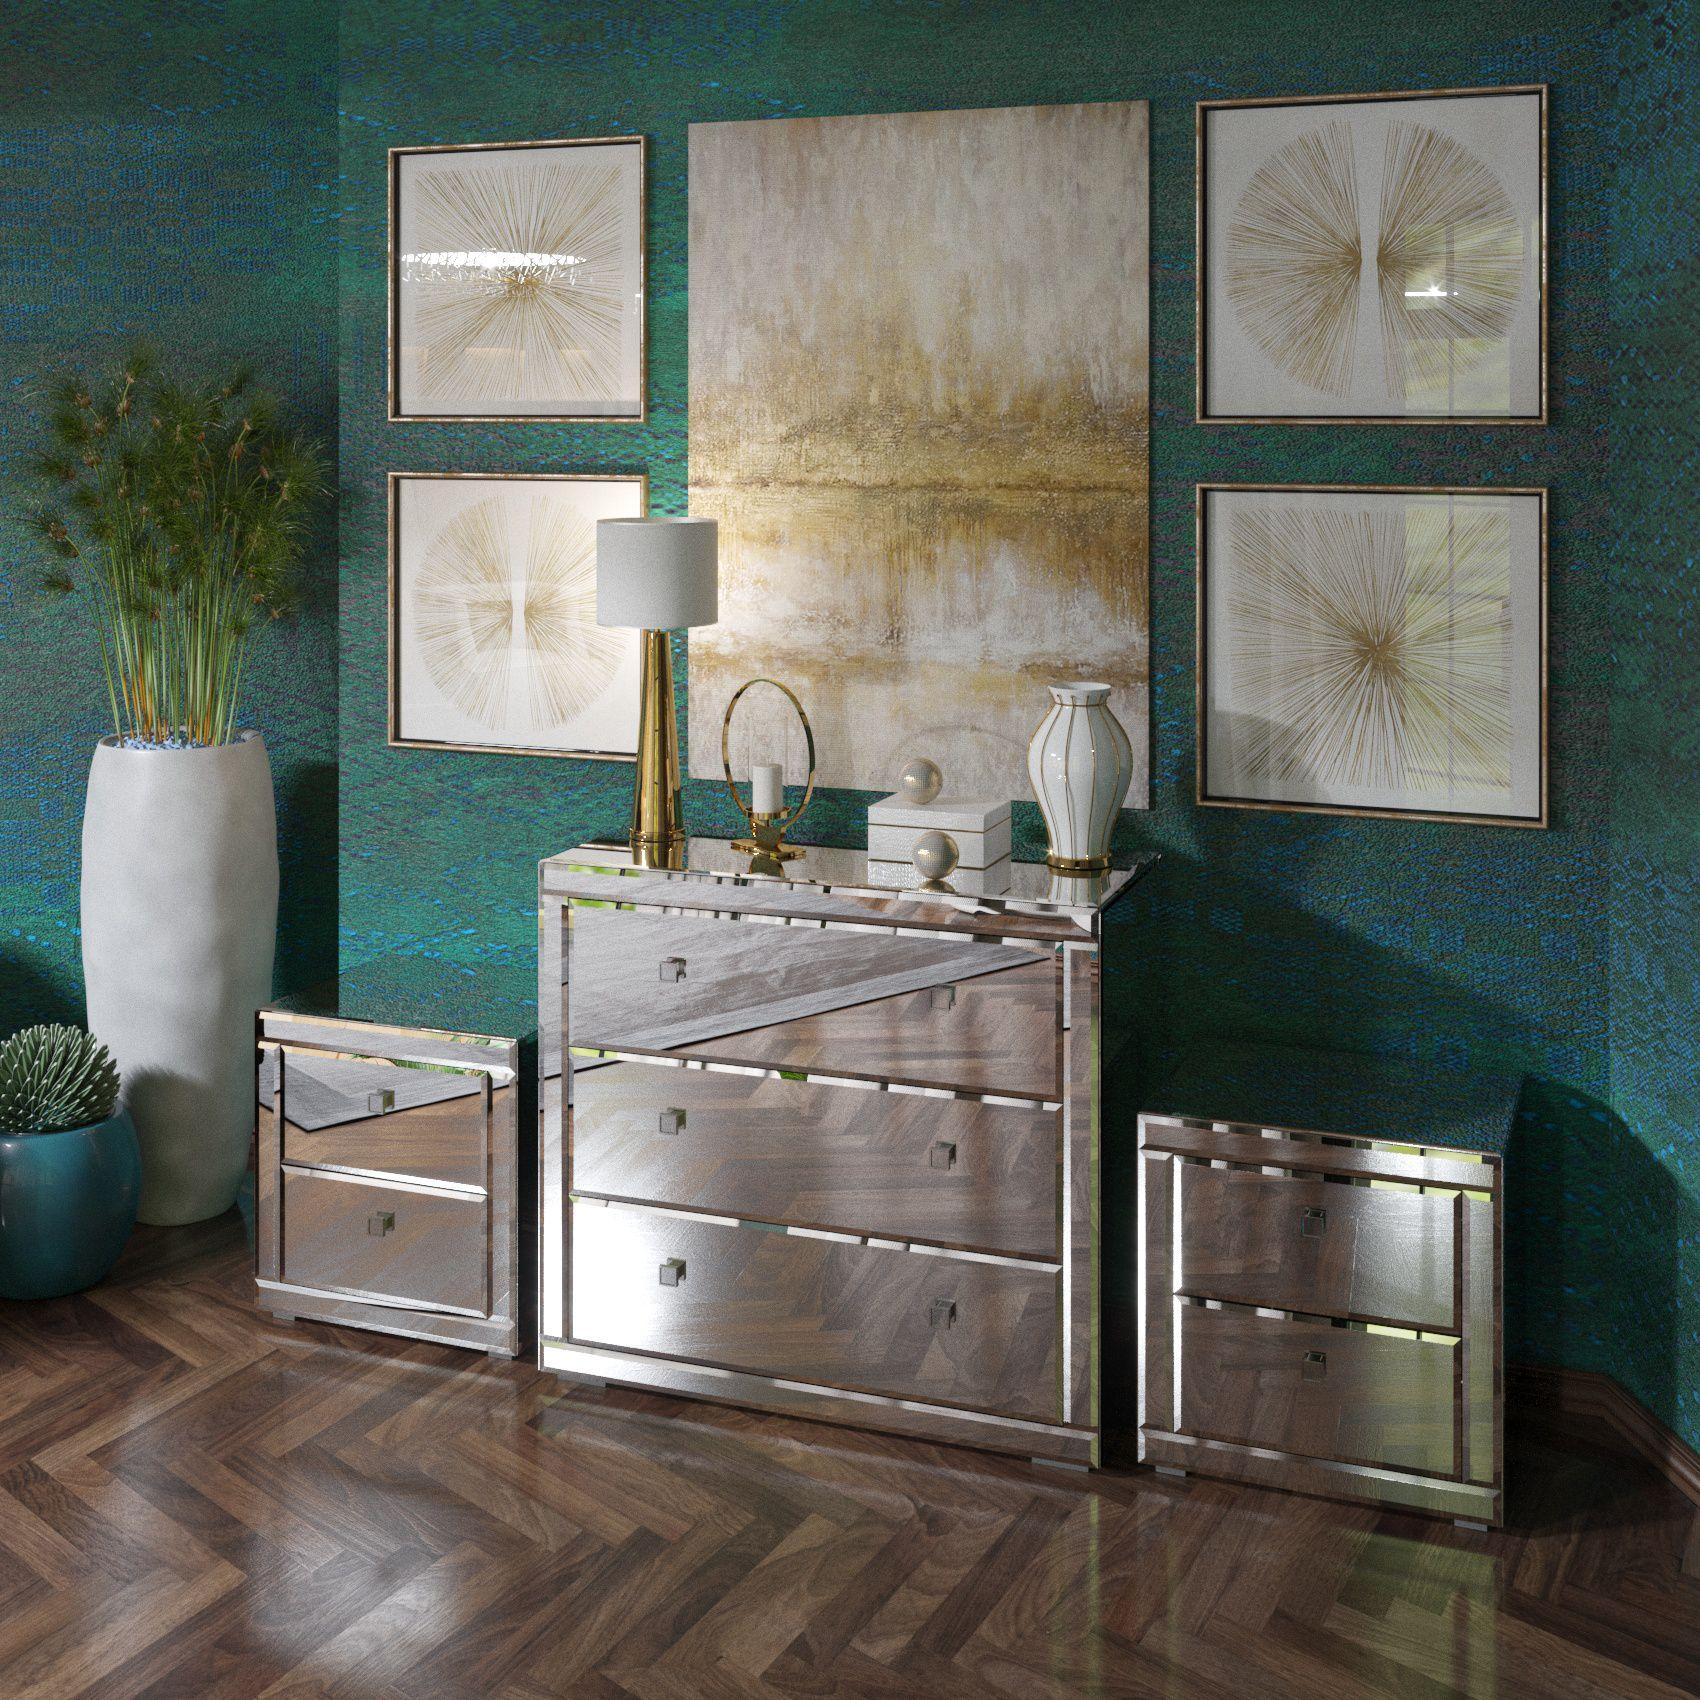 спальни зеркальный для décor отражение зеркал зеркальная необычная мебель комод дизайнерская тумба